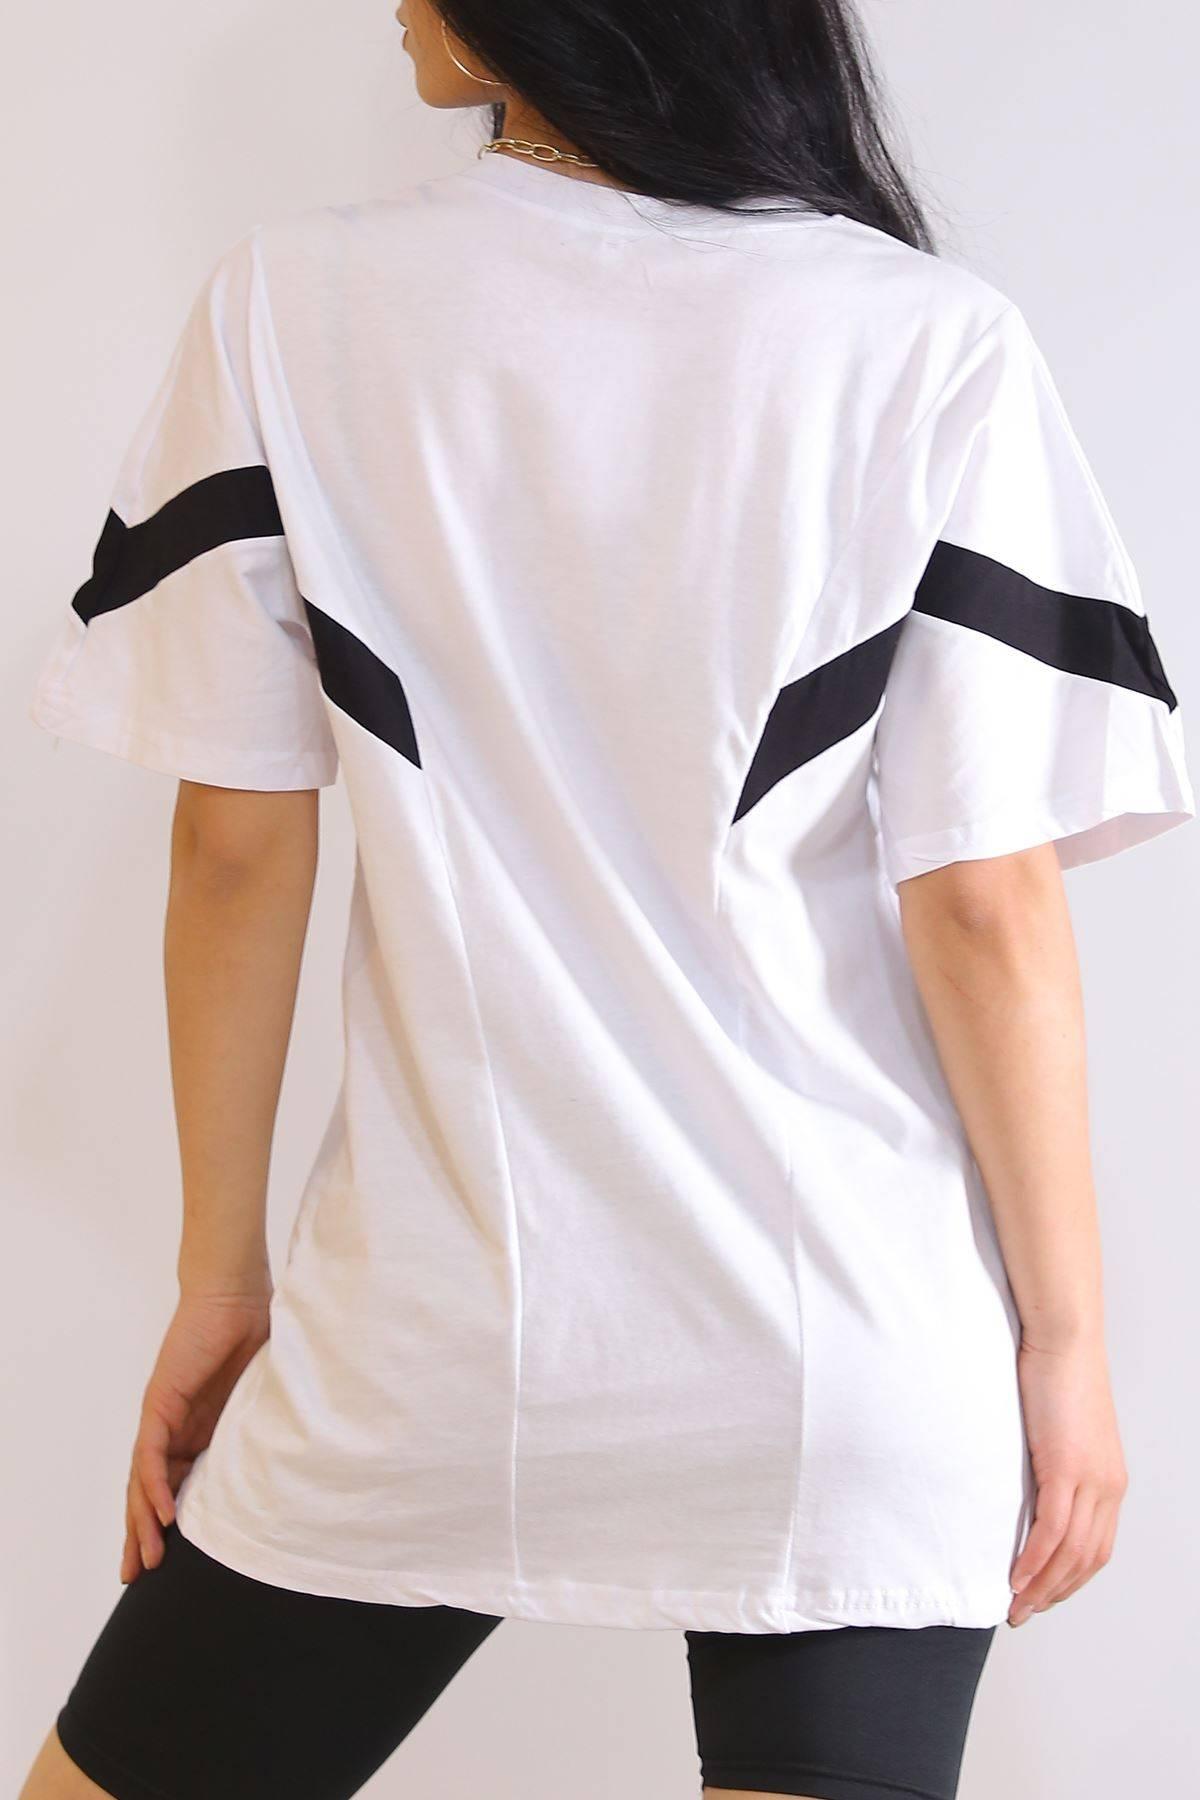 Parçalı Nakışlı Tişört Beyaz - 6184.1377.